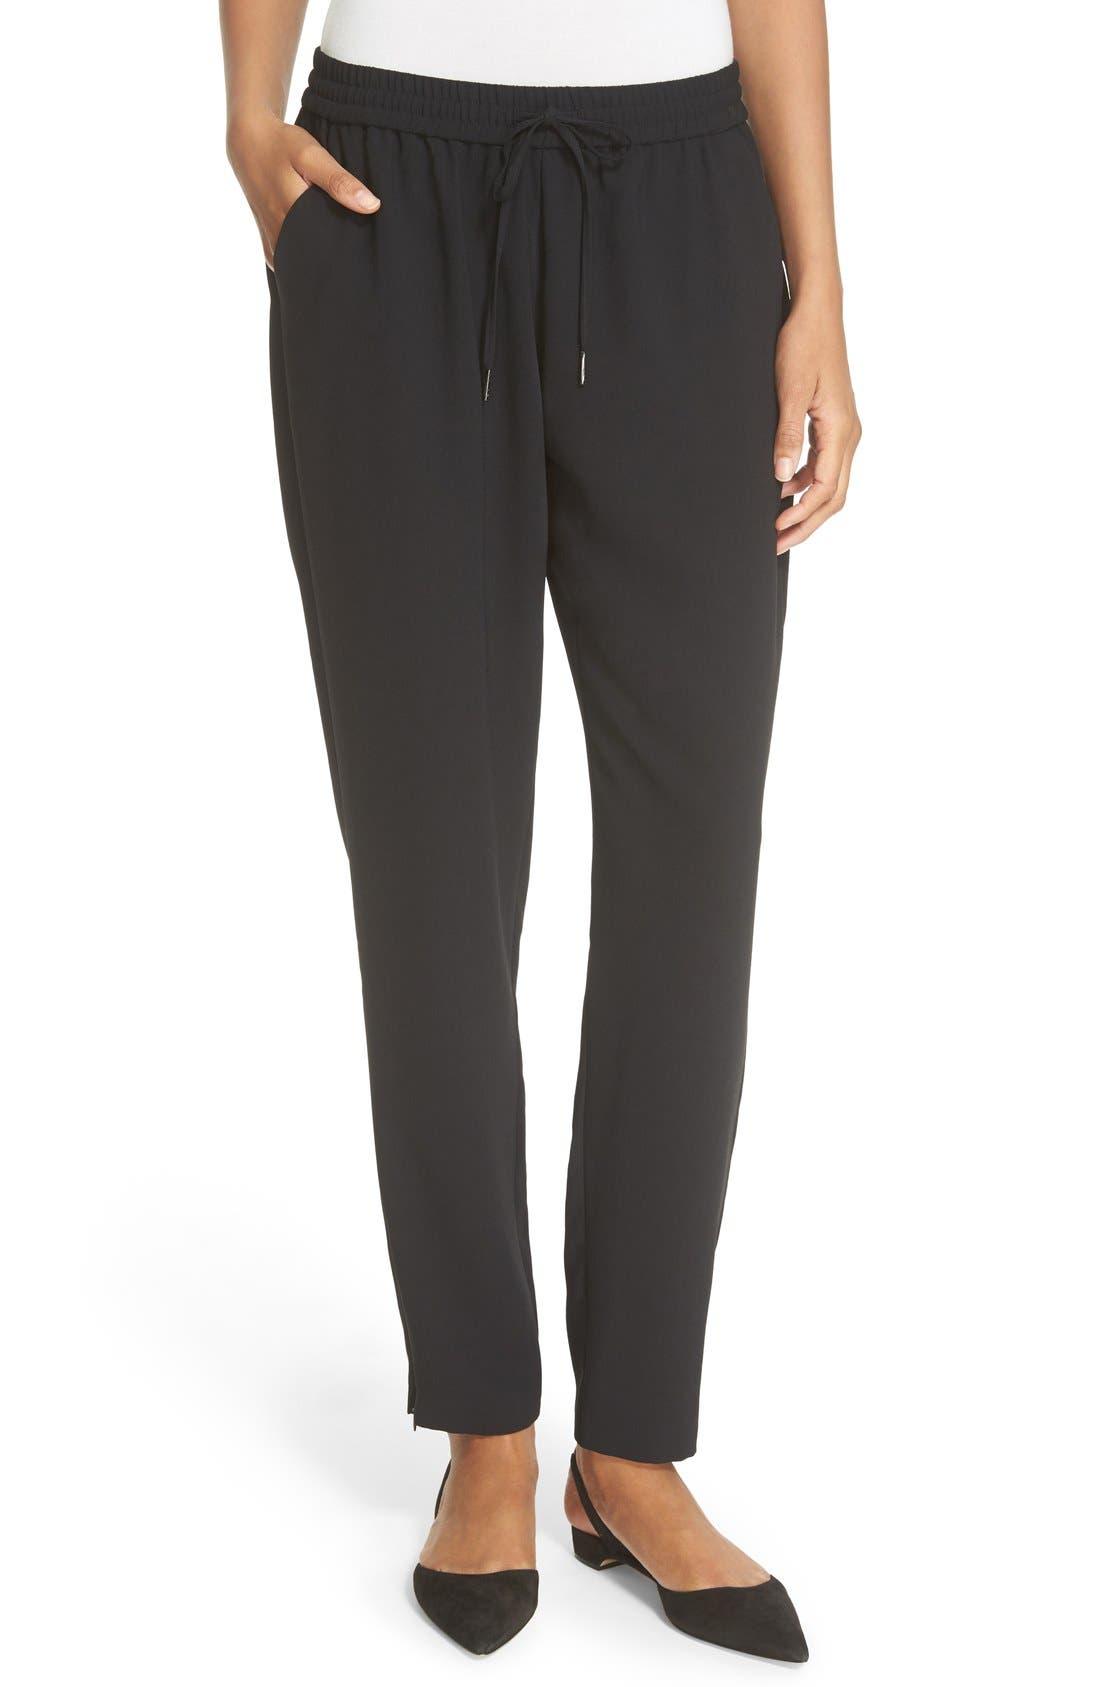 Alternate Image 1 Selected - Joie 'Janeene' Zip Ankle Drawstring Pants